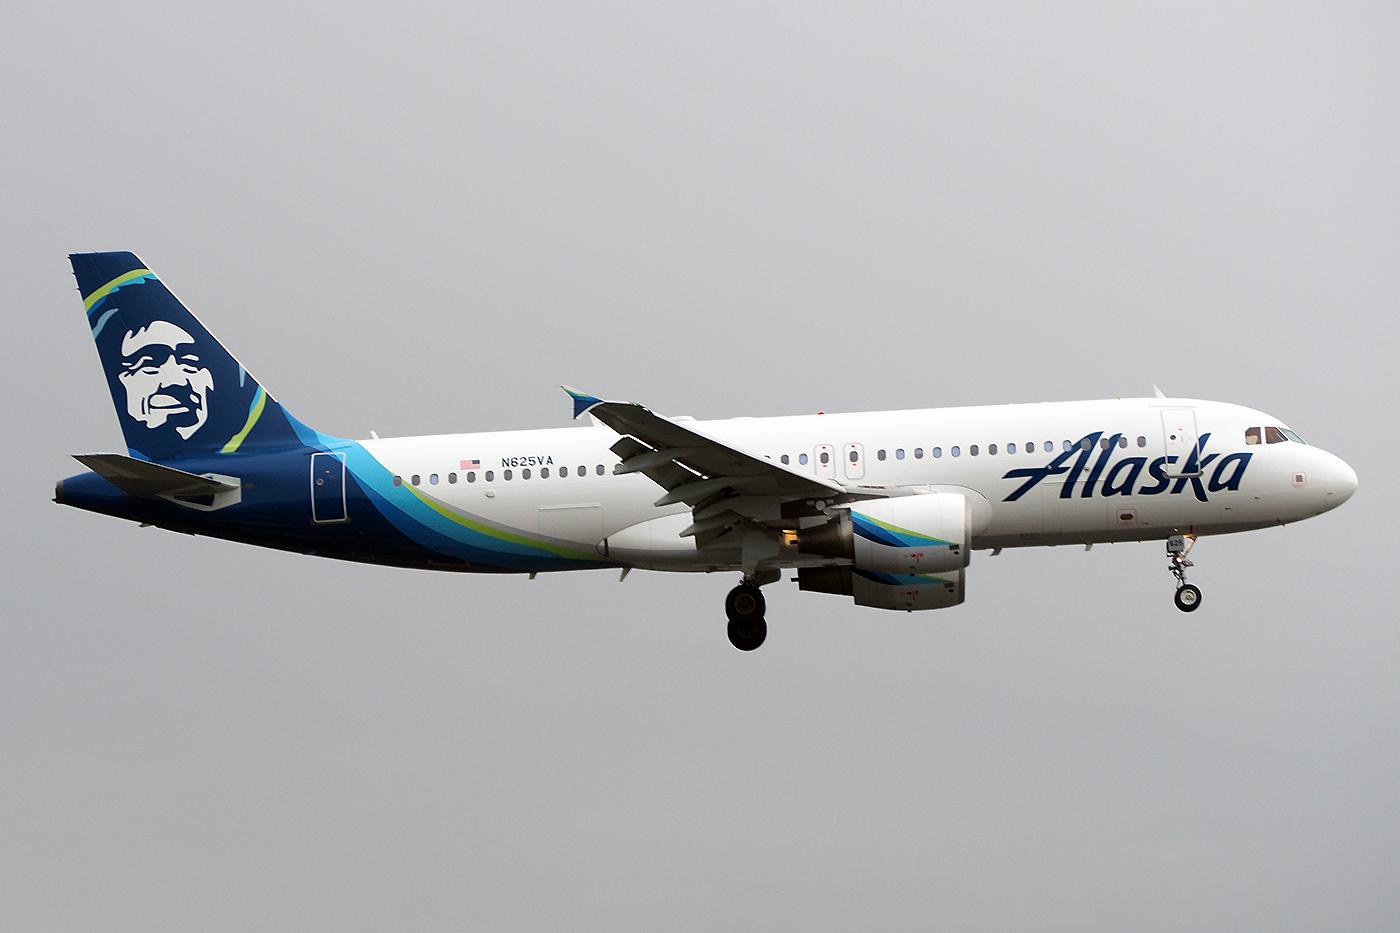 N625VA, Alaska, A320